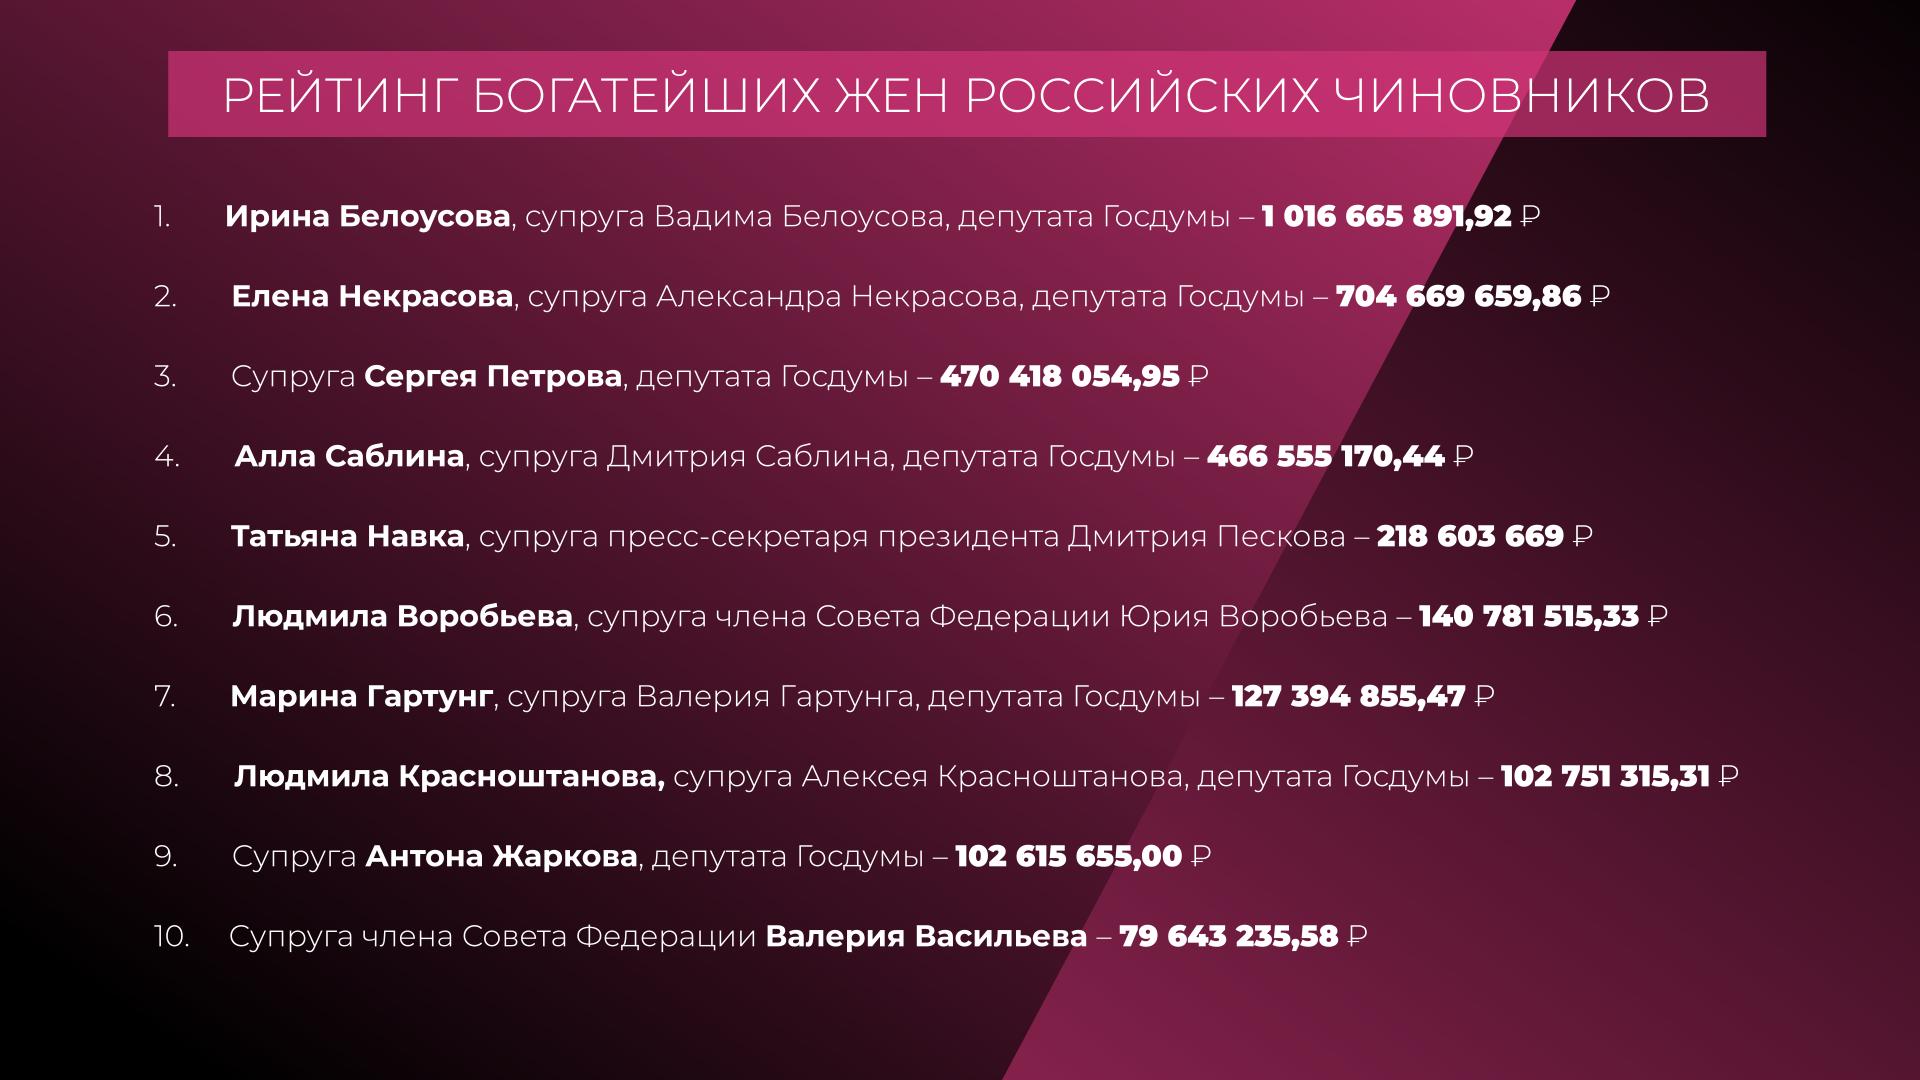 15 апреля 2019 — Новости Дня — Последние новости России и мира сегодня 15 апреля по состоянию на 09-00 мск